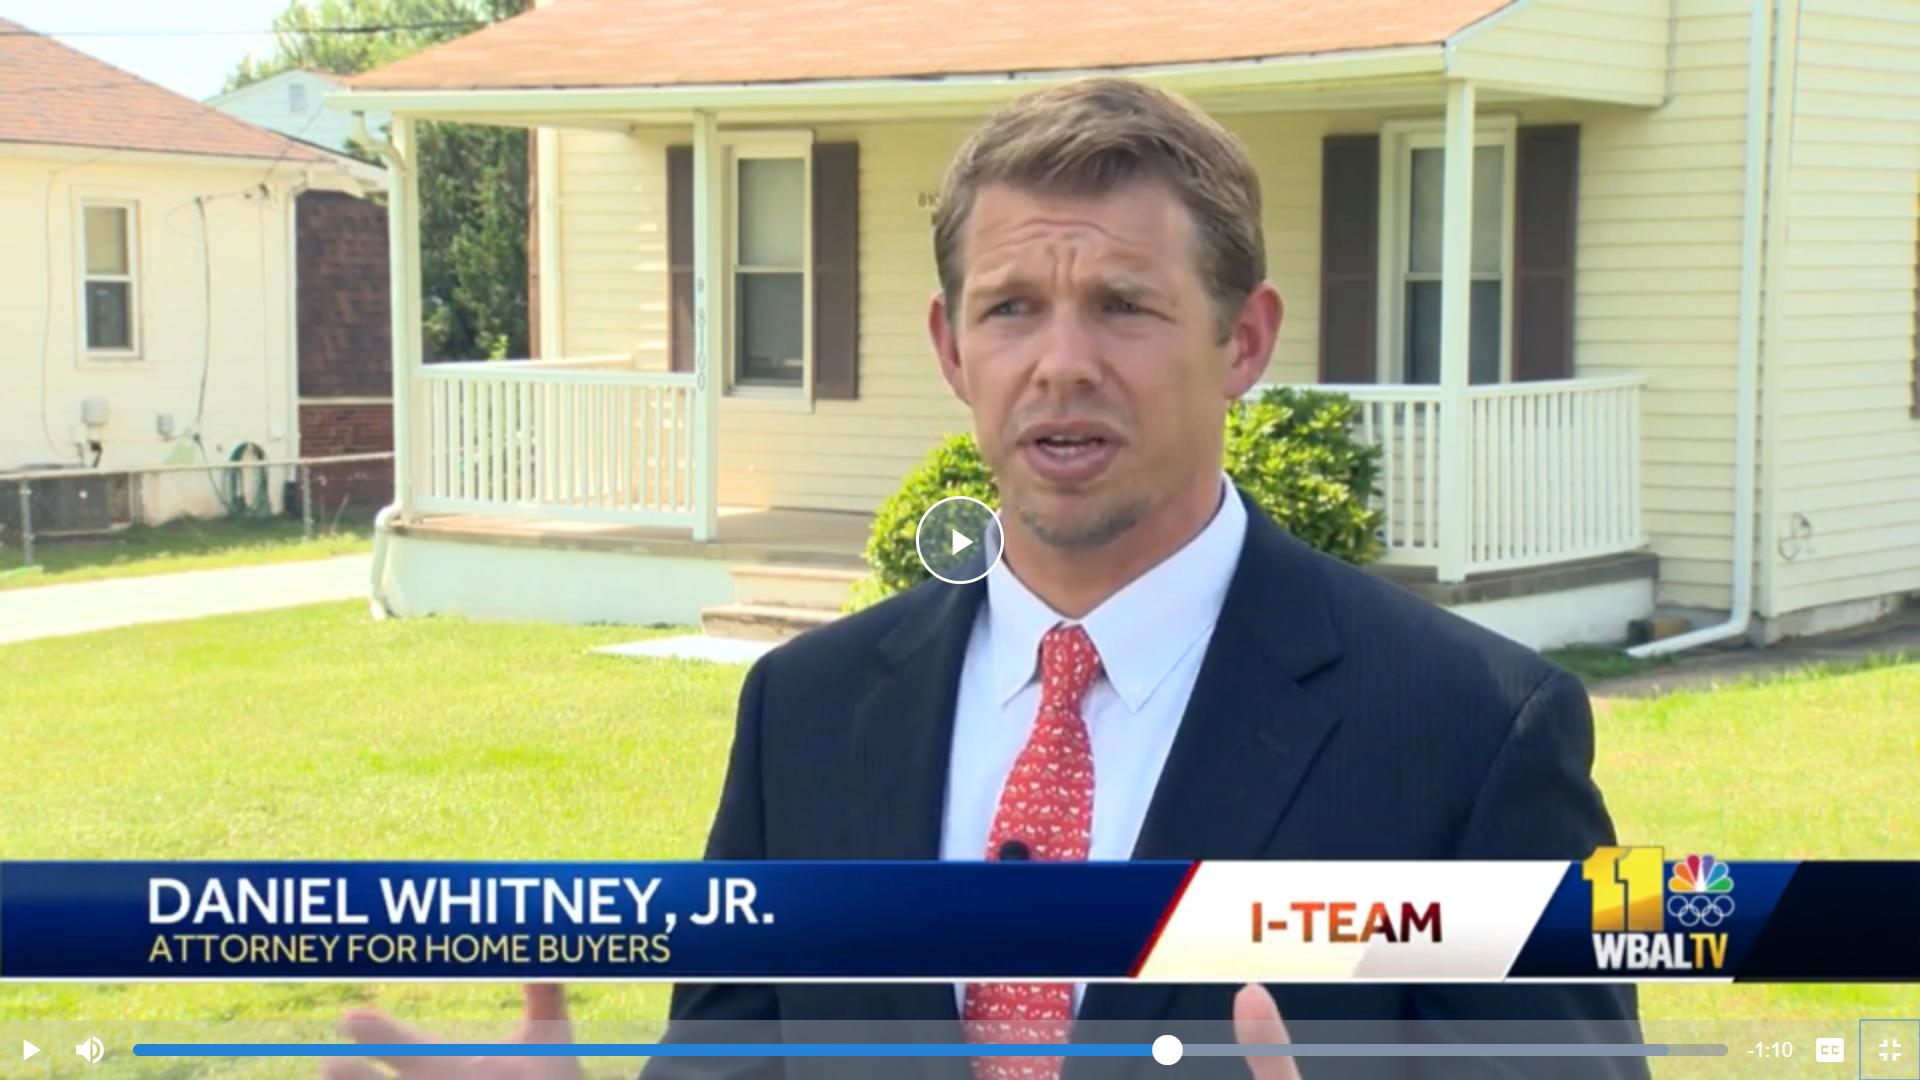 dan whitney wbaltv - Termite Damage Settlement - $215,000 for New Home Buyer